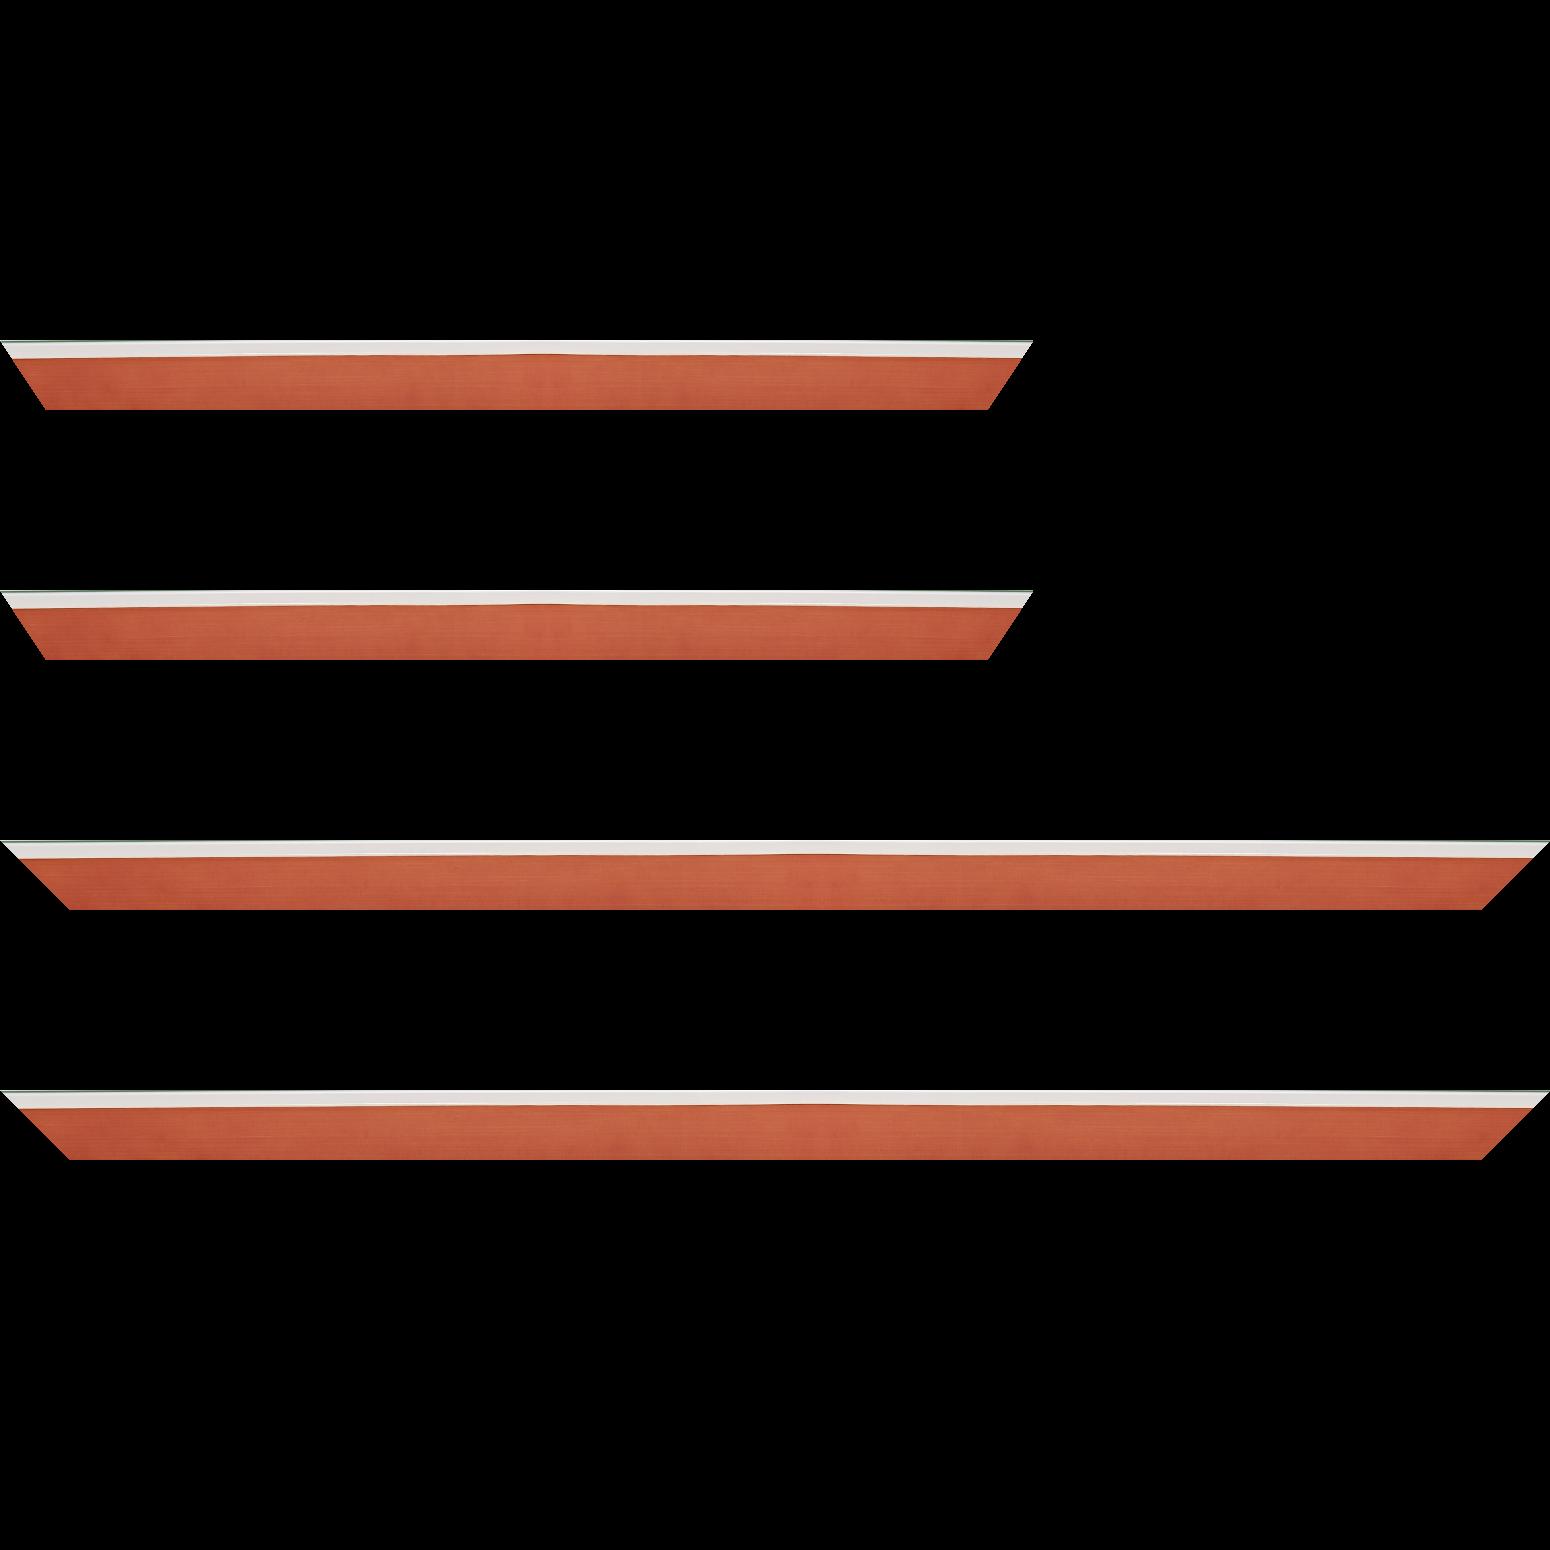 Baguette service précoupé Bois profil en pente plongeant largeur 2.2cm couleur orange laqué filet extérieur blanc laqué